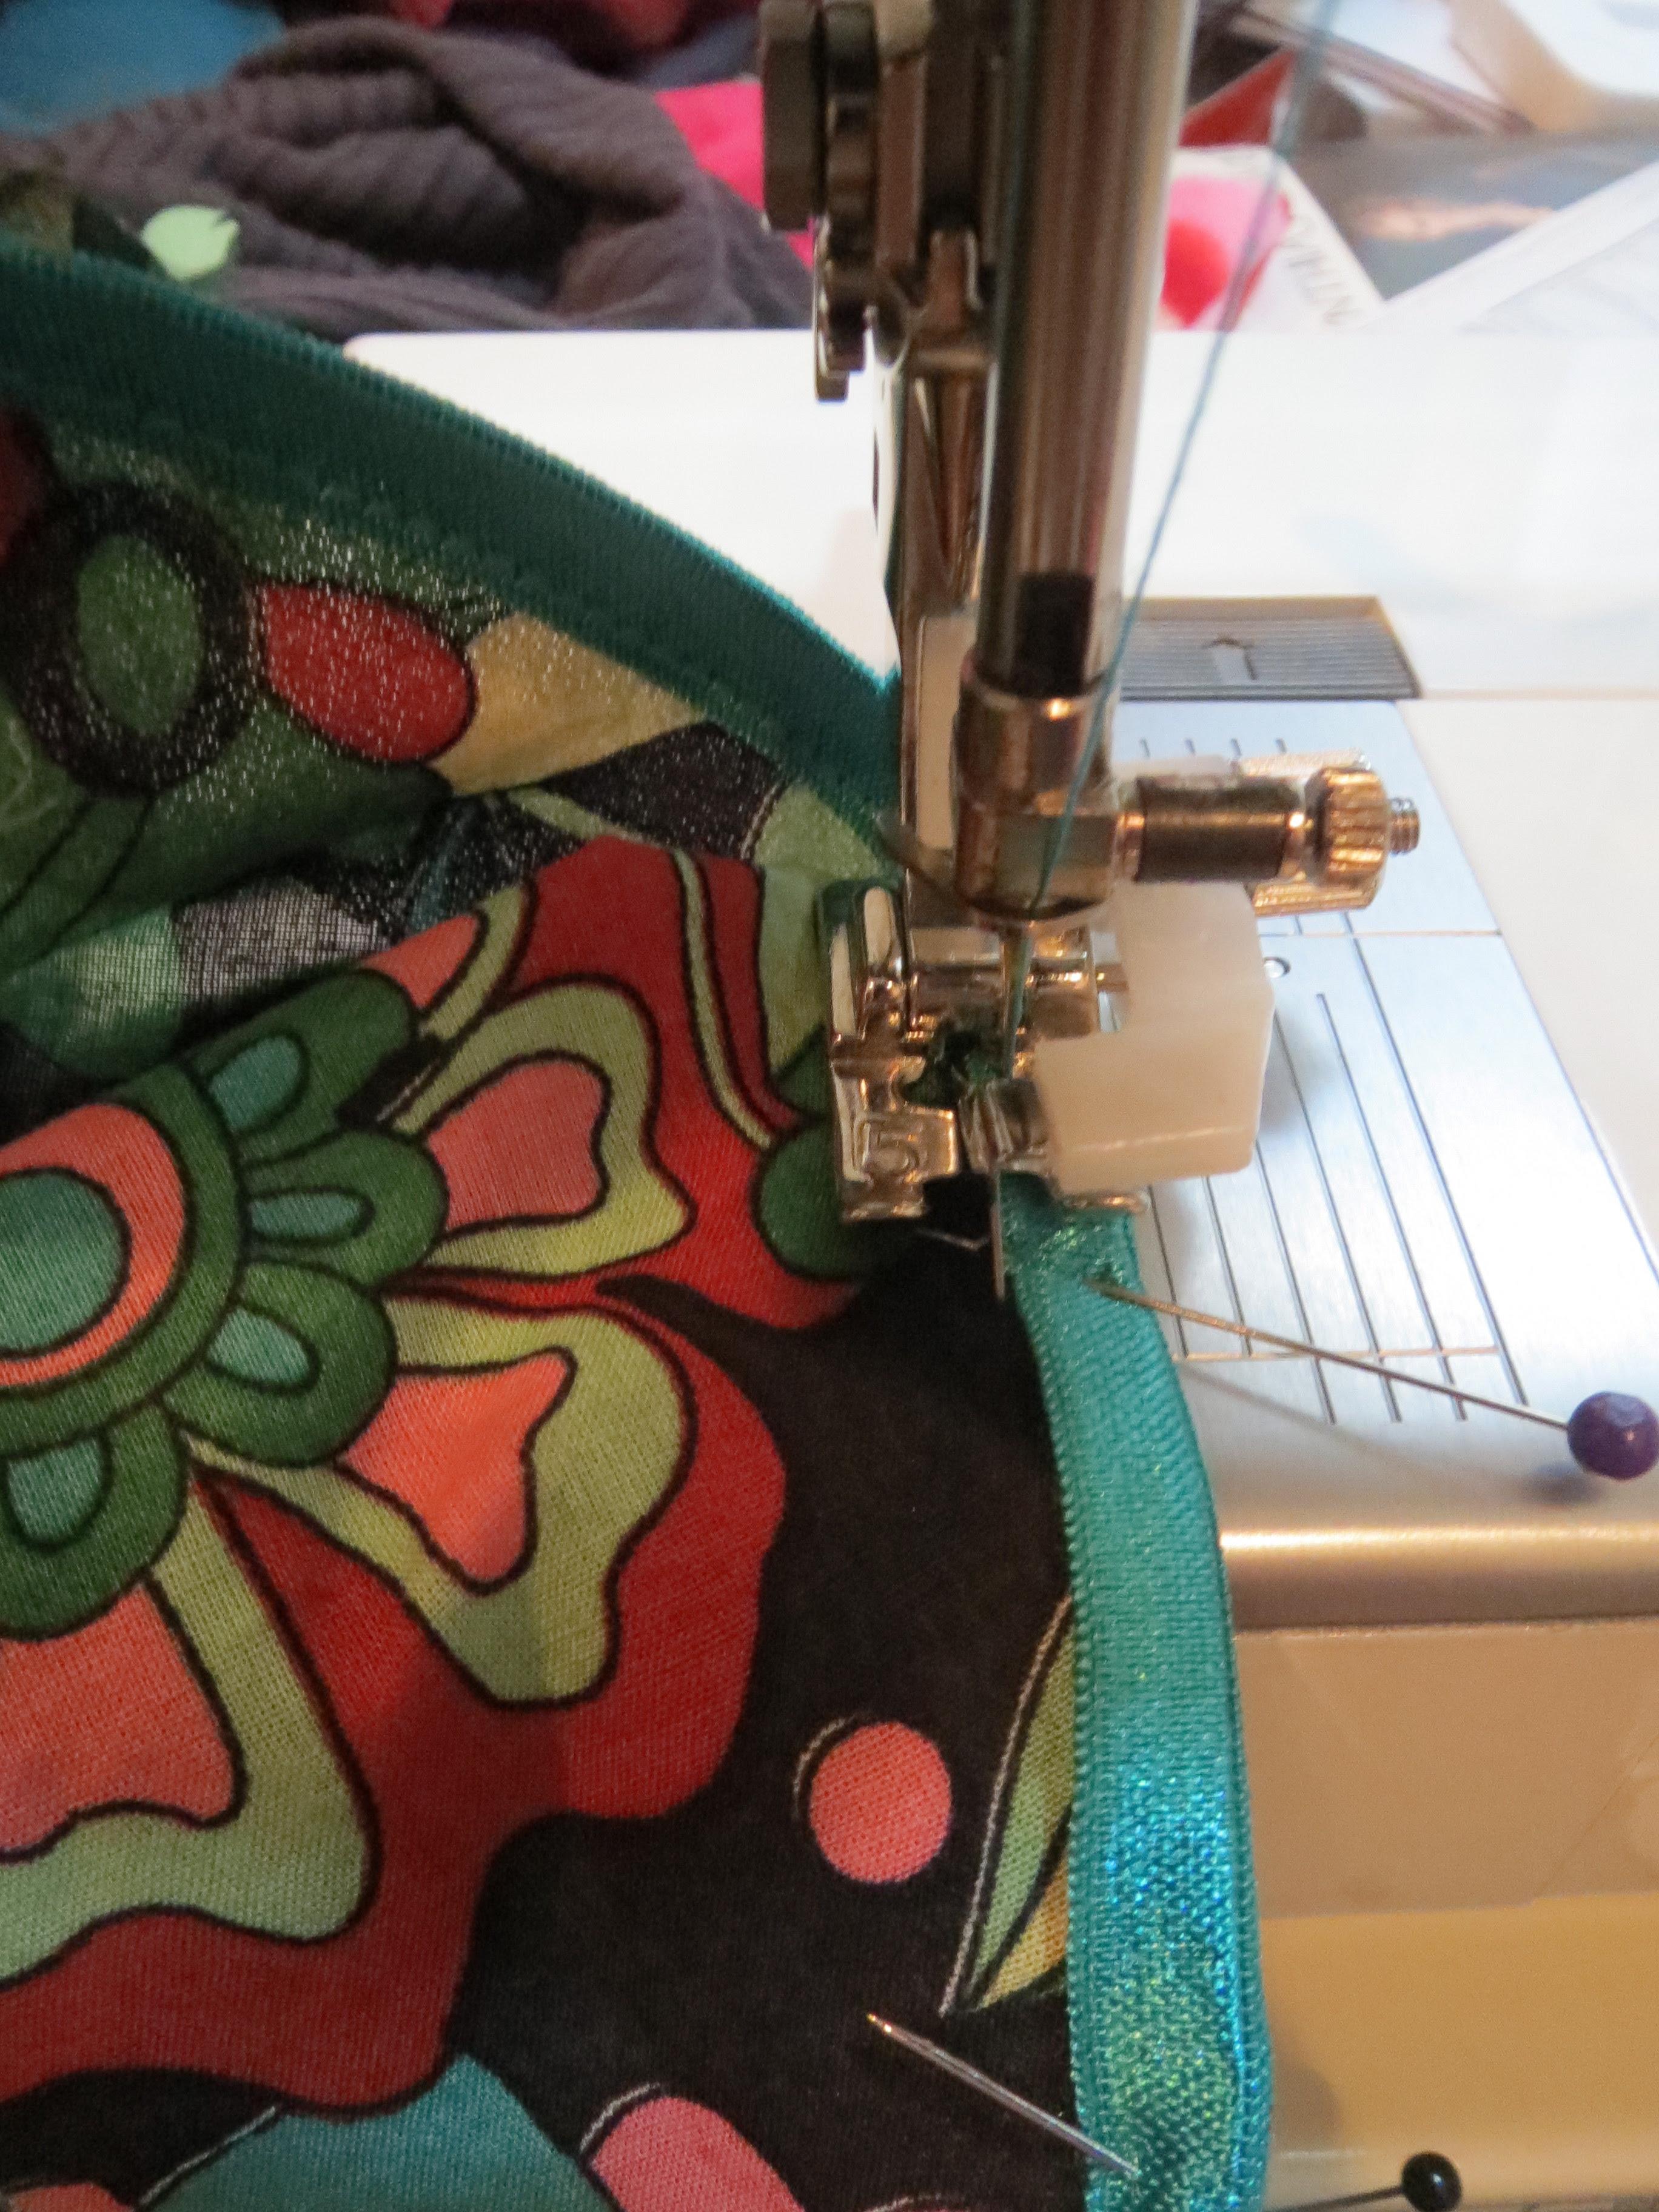 Stitching on Foldover Elastic